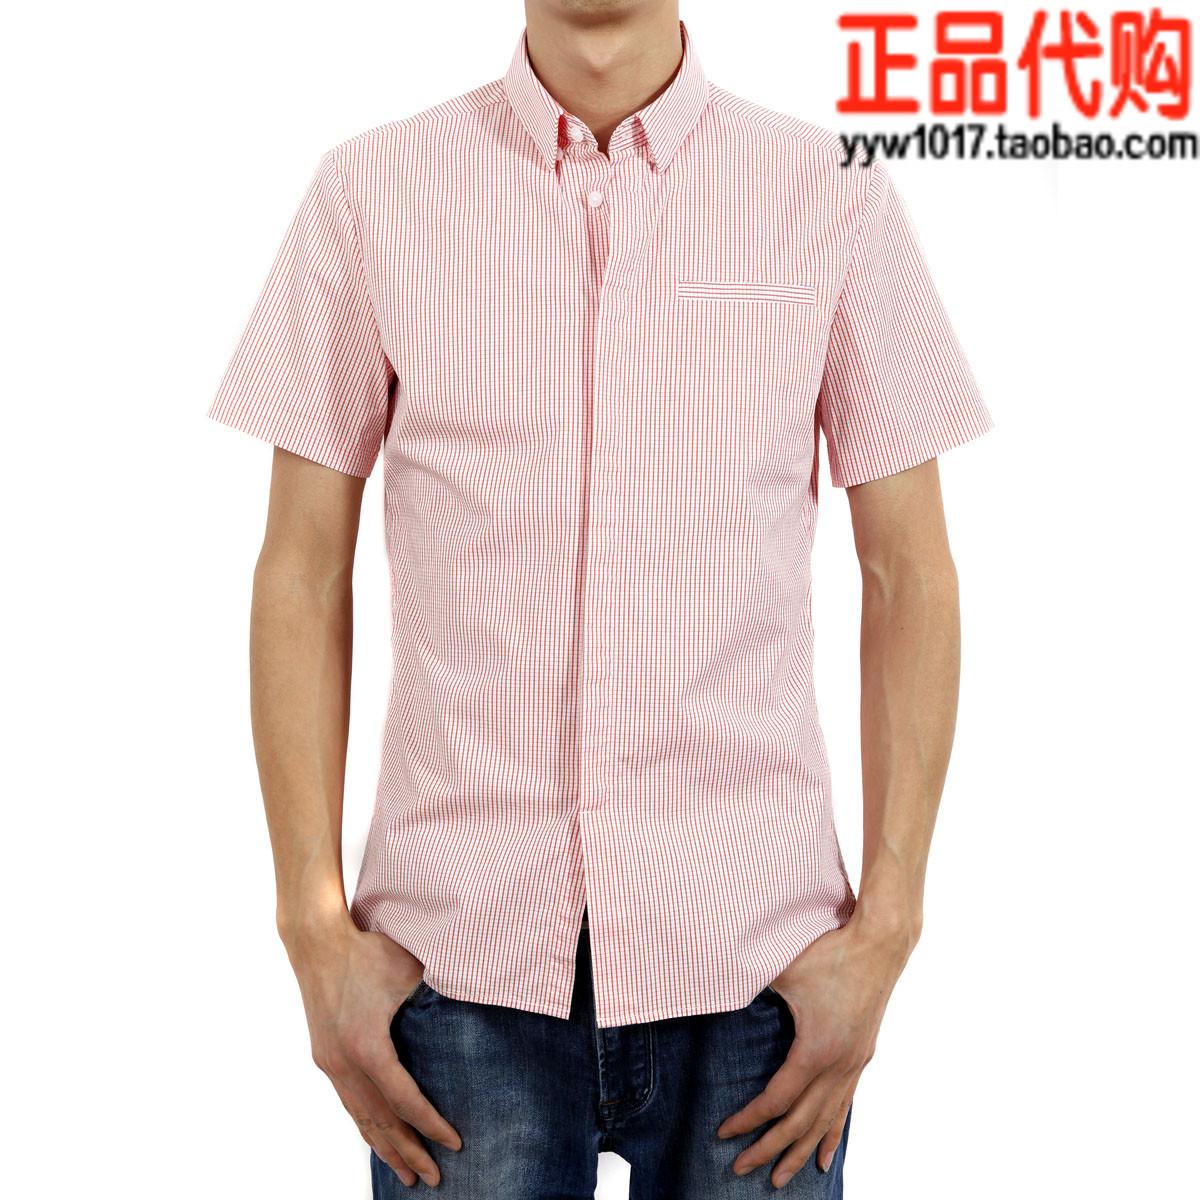 Рубашка мужская Calvin Klein 4asw112 2015 CK Jeans 990 рубашка мужская calvin klein ck fit tee